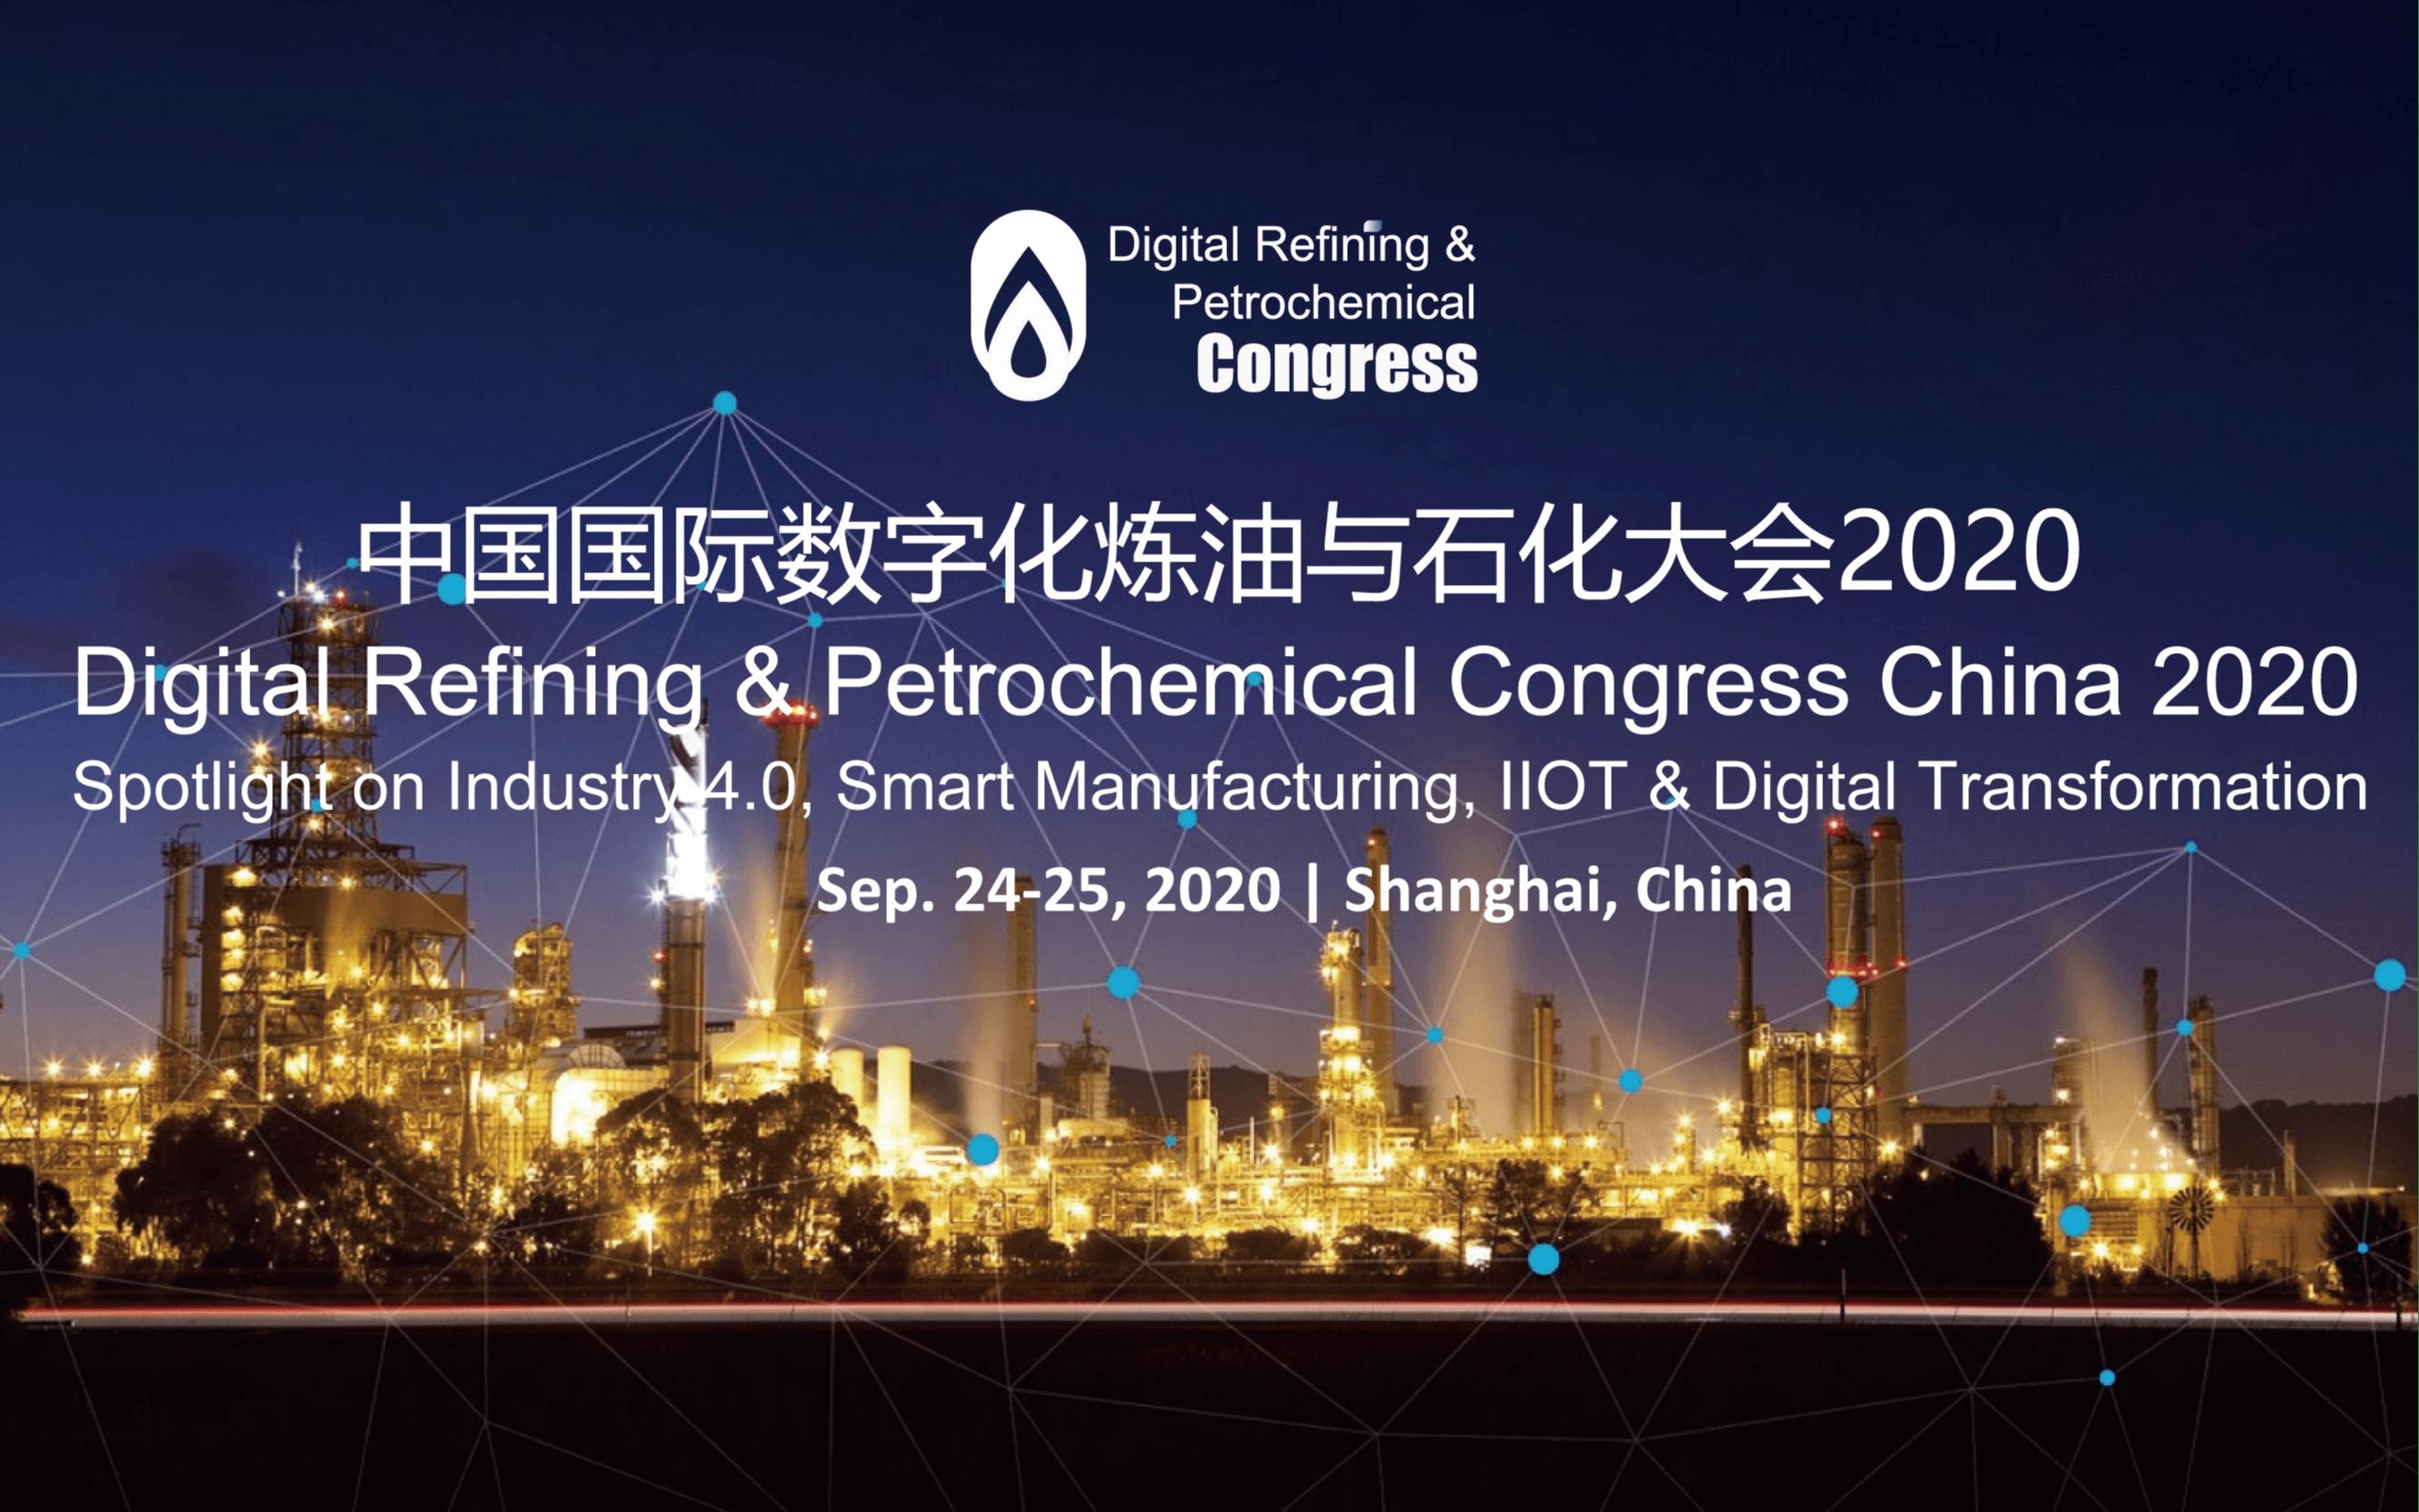 中国国际数字化炼油与石化大会2020